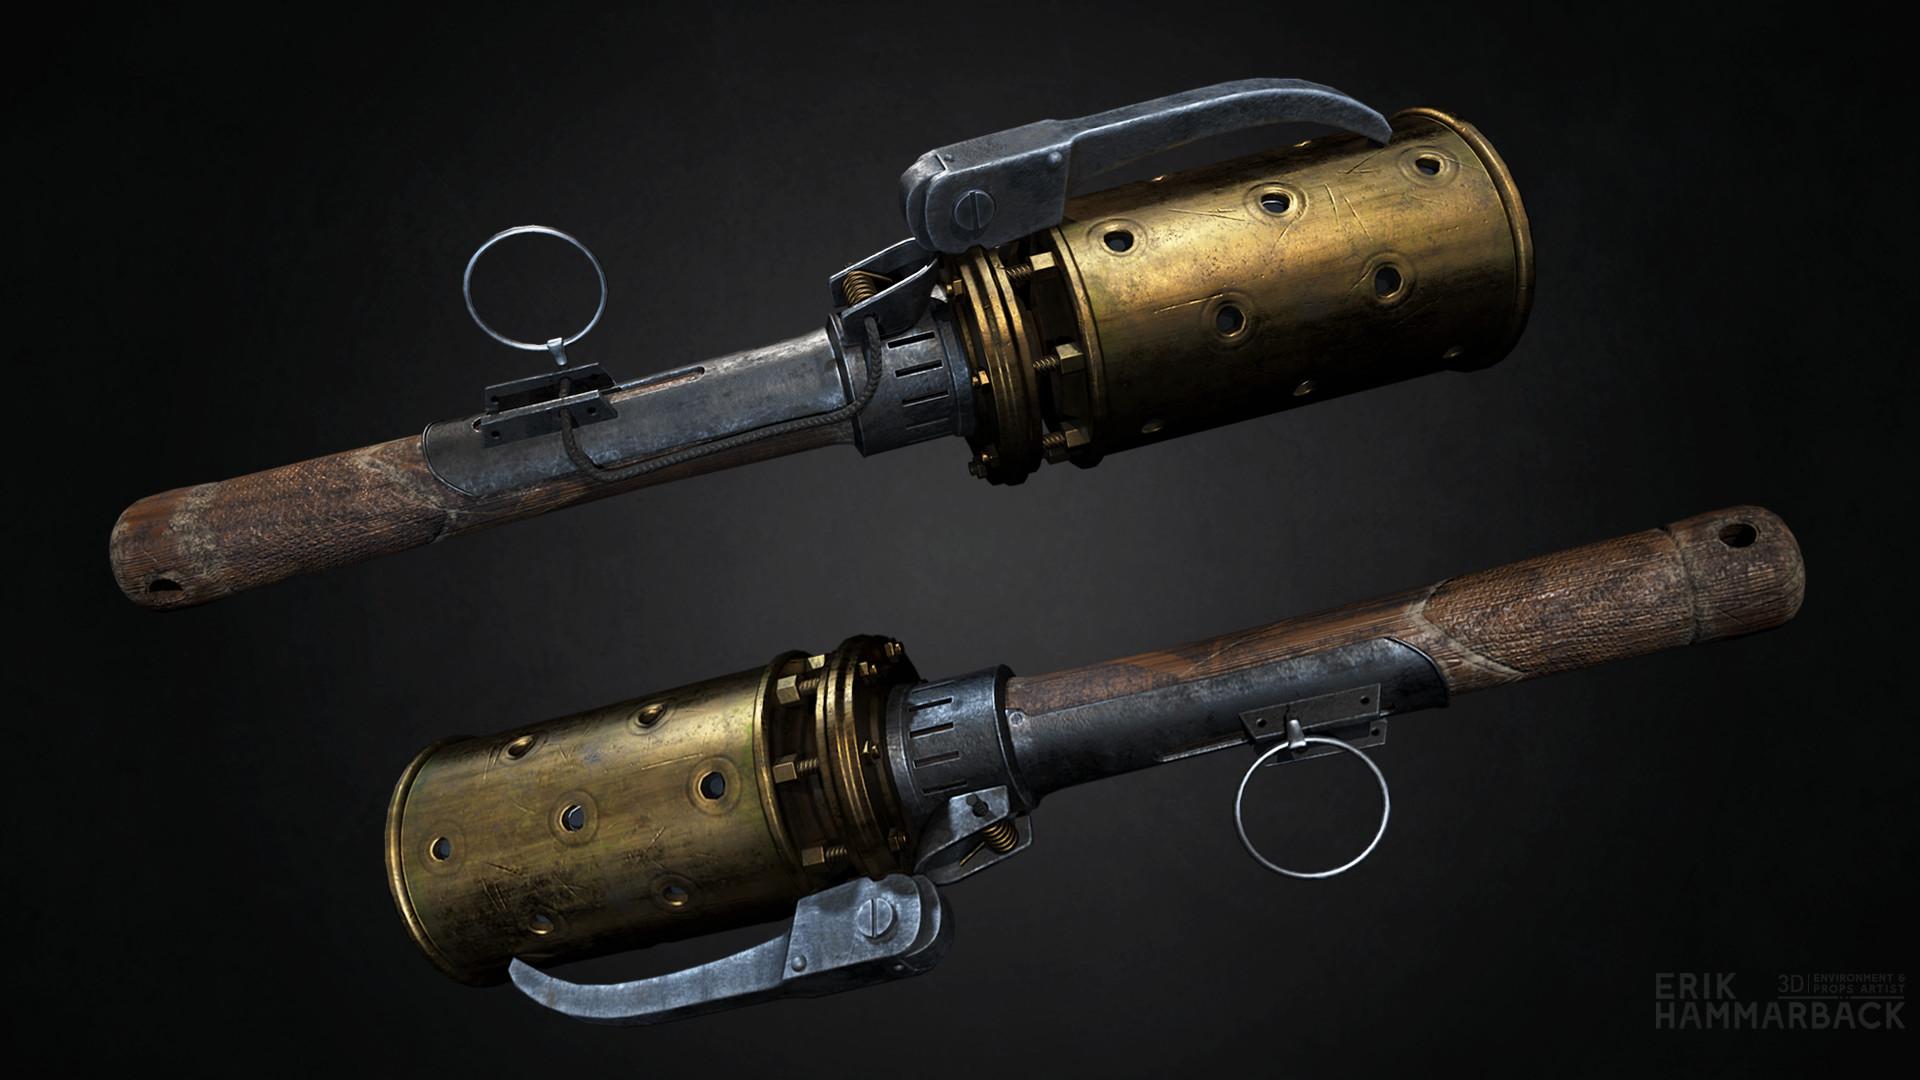 Erik hammarback blackgas grenade 02